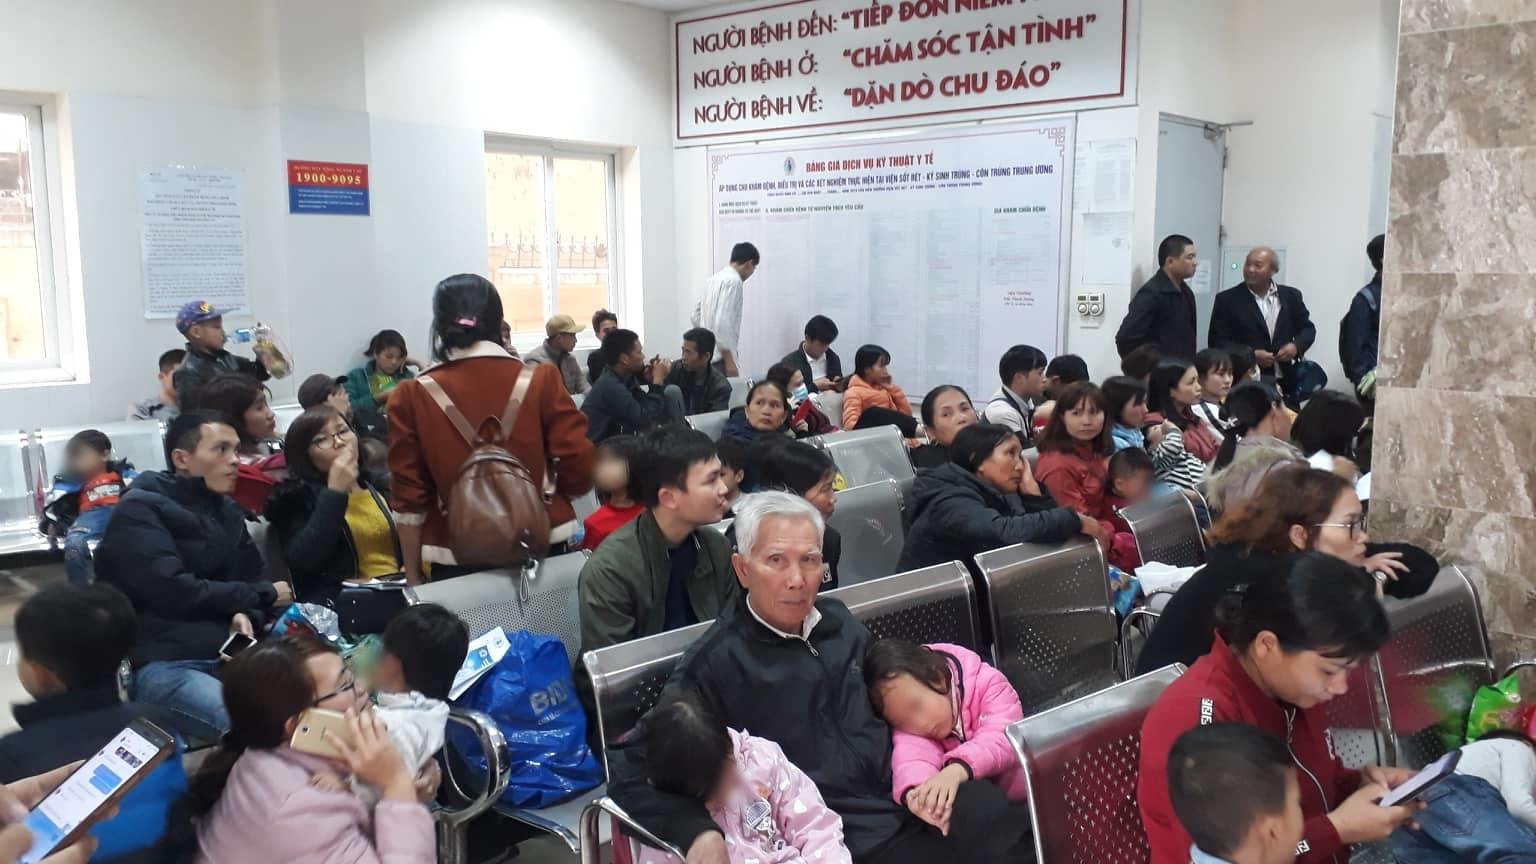 Nghi ăn phải thịt lợn nổi đầy hạch trắng, 400 trẻ mầm non Bắc Ninh xuống Hà Nội xếp hàng xét nghiệm sán lợn - Ảnh 2.